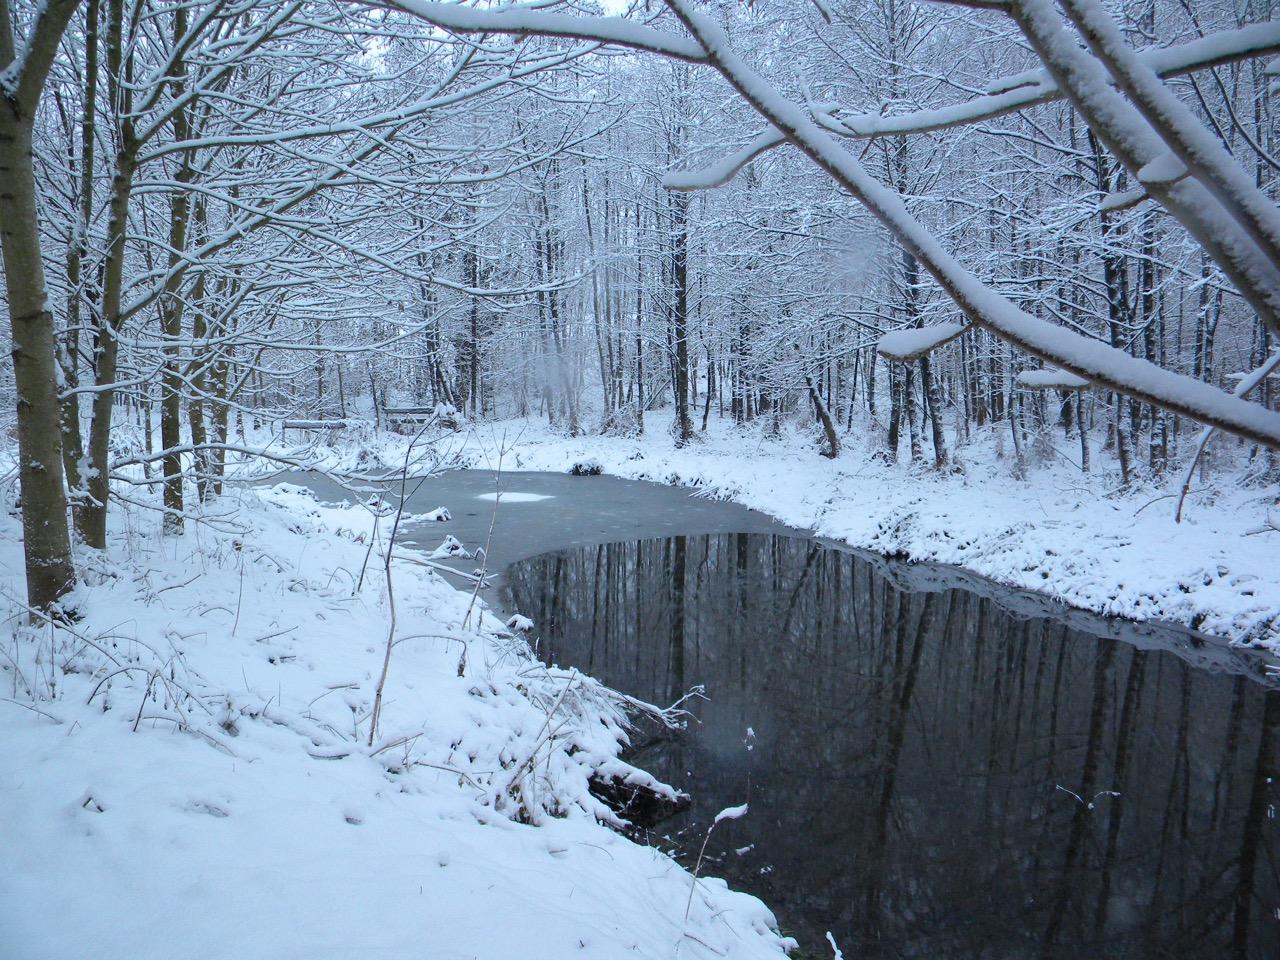 vijver in de sneeuw aan bos bij vakantiehoeve in de vlaamse ardennen en zwalmstreek